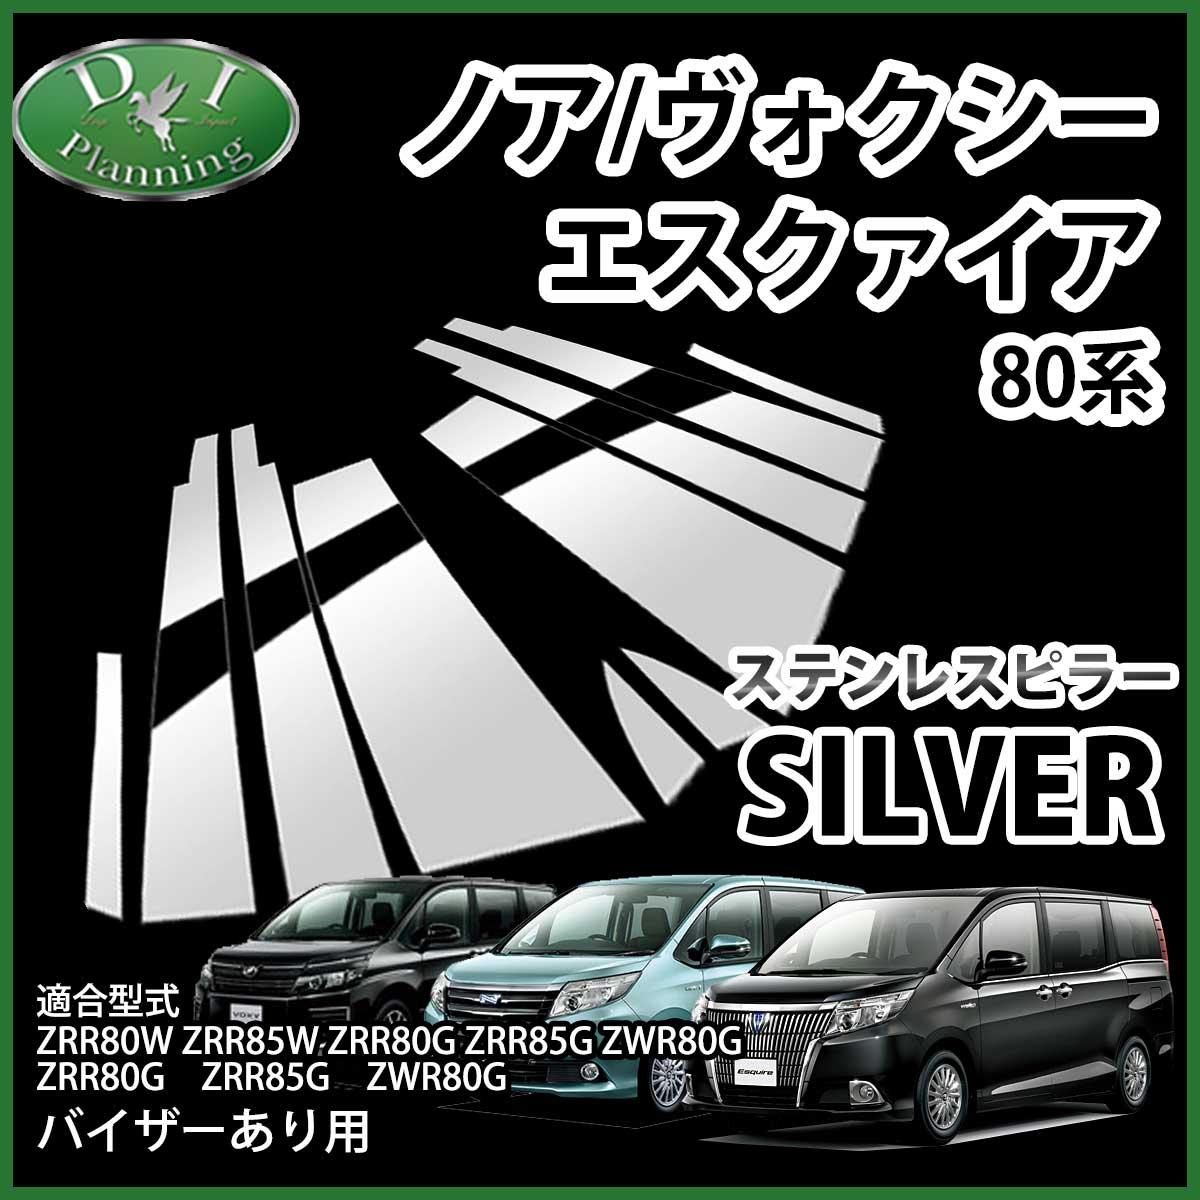 こちらの商品はトヨタ ヴォクシー ノア 80系 ステンレスピラーになります。